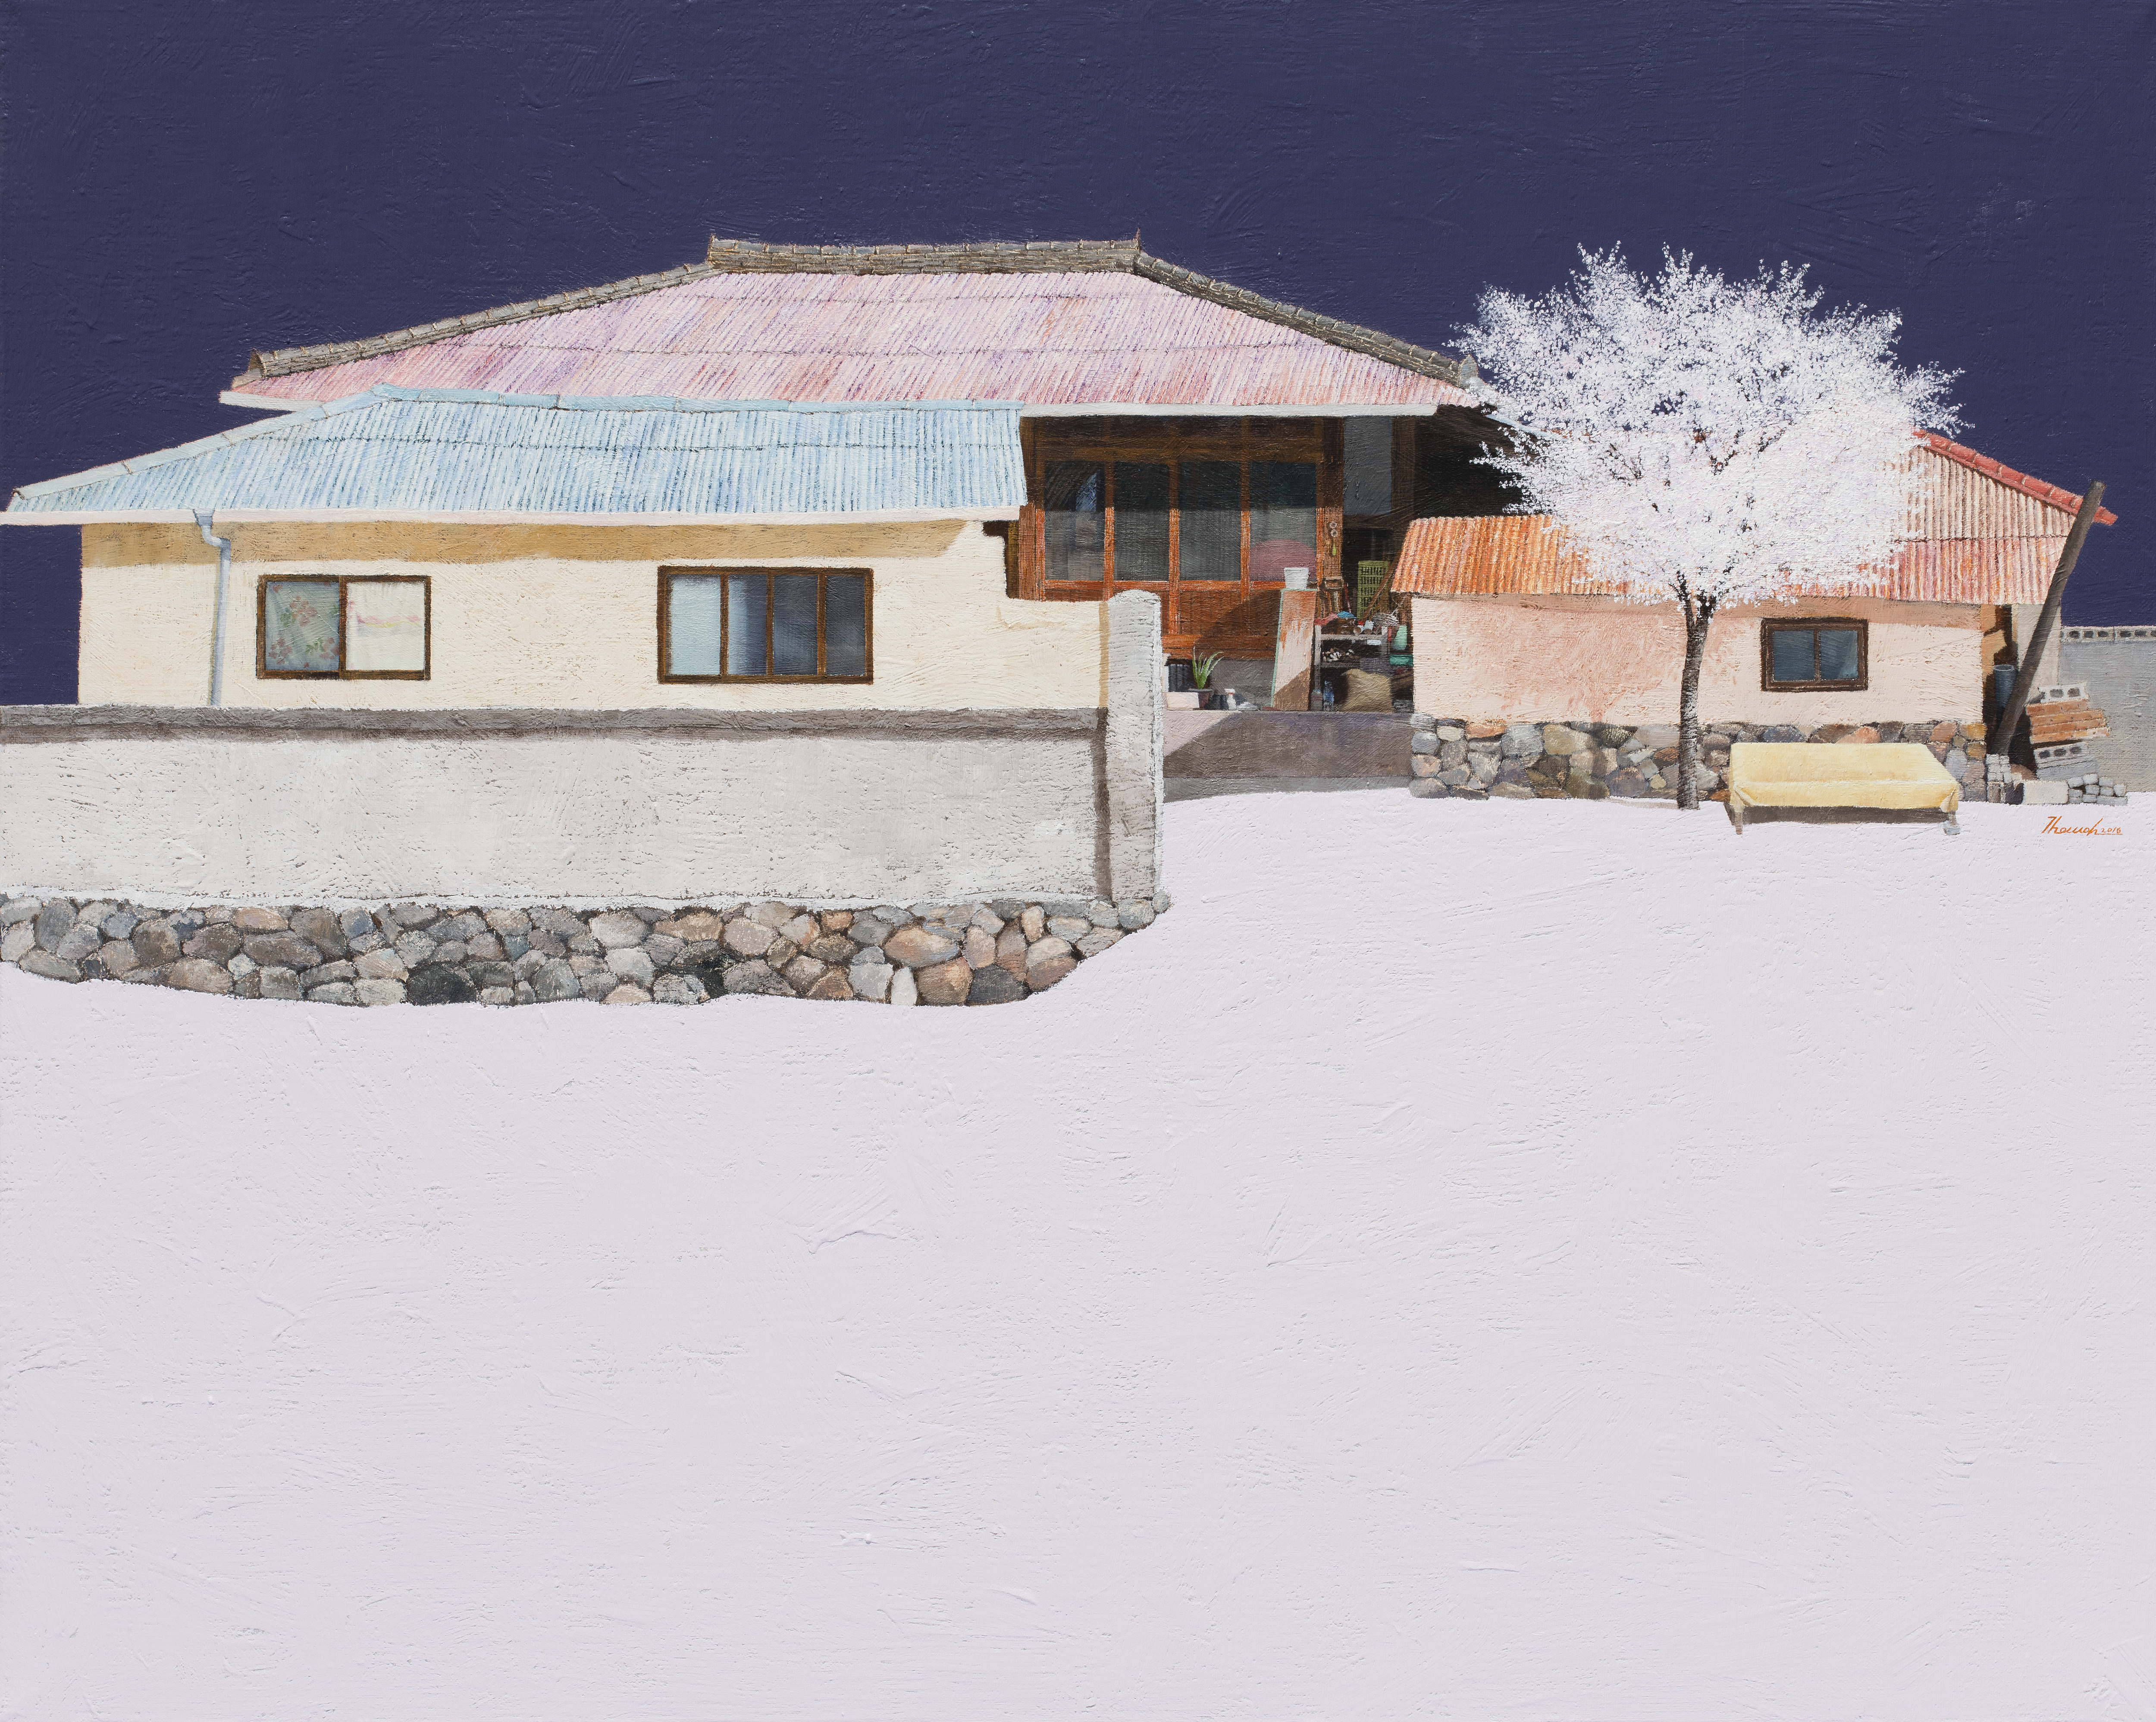 김용일, 진주댁네, 72.7x90.9cm, oil on canvas, 2016